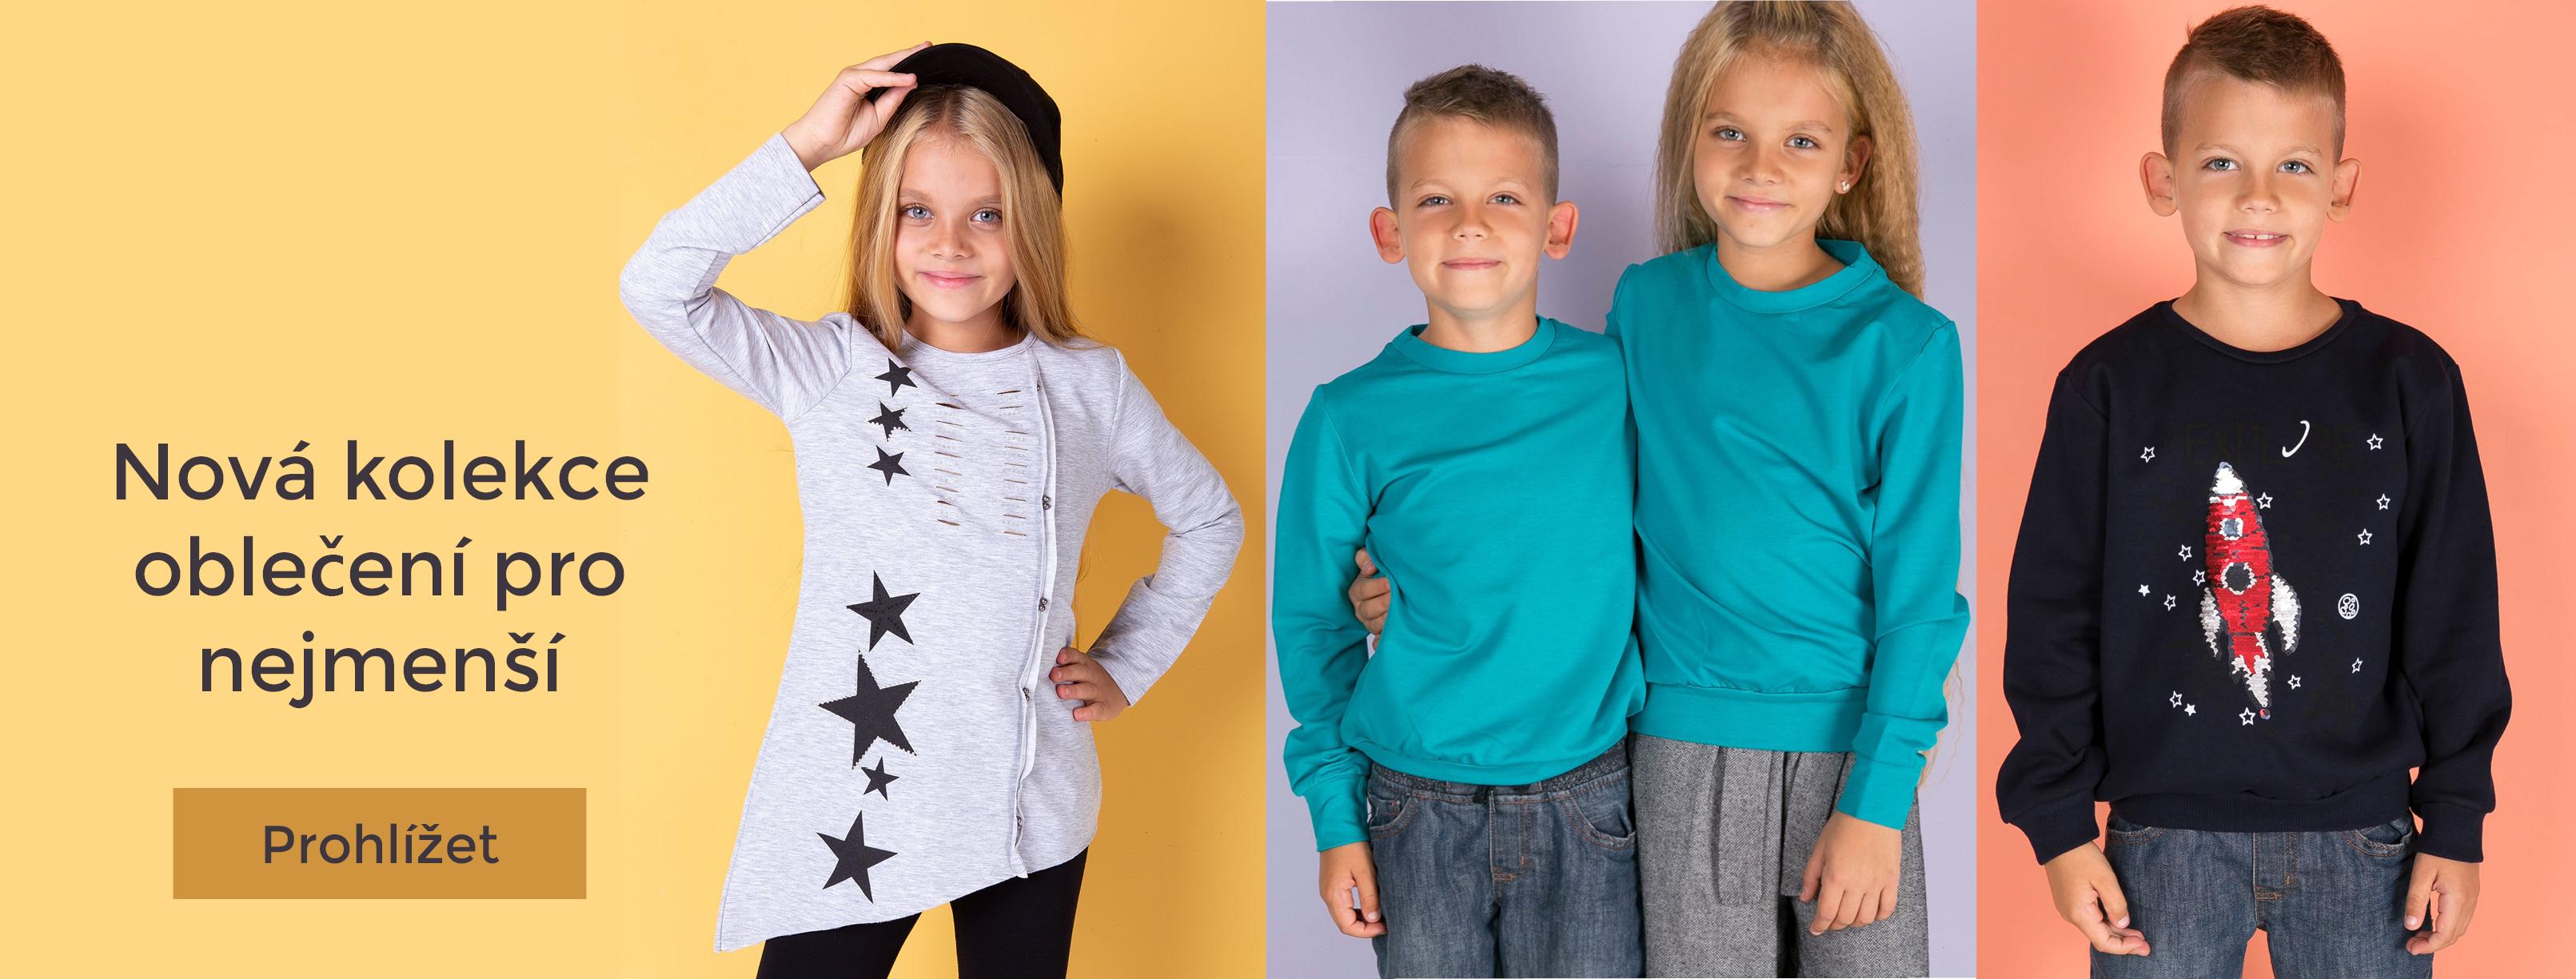 Dětská móda - Factory Price